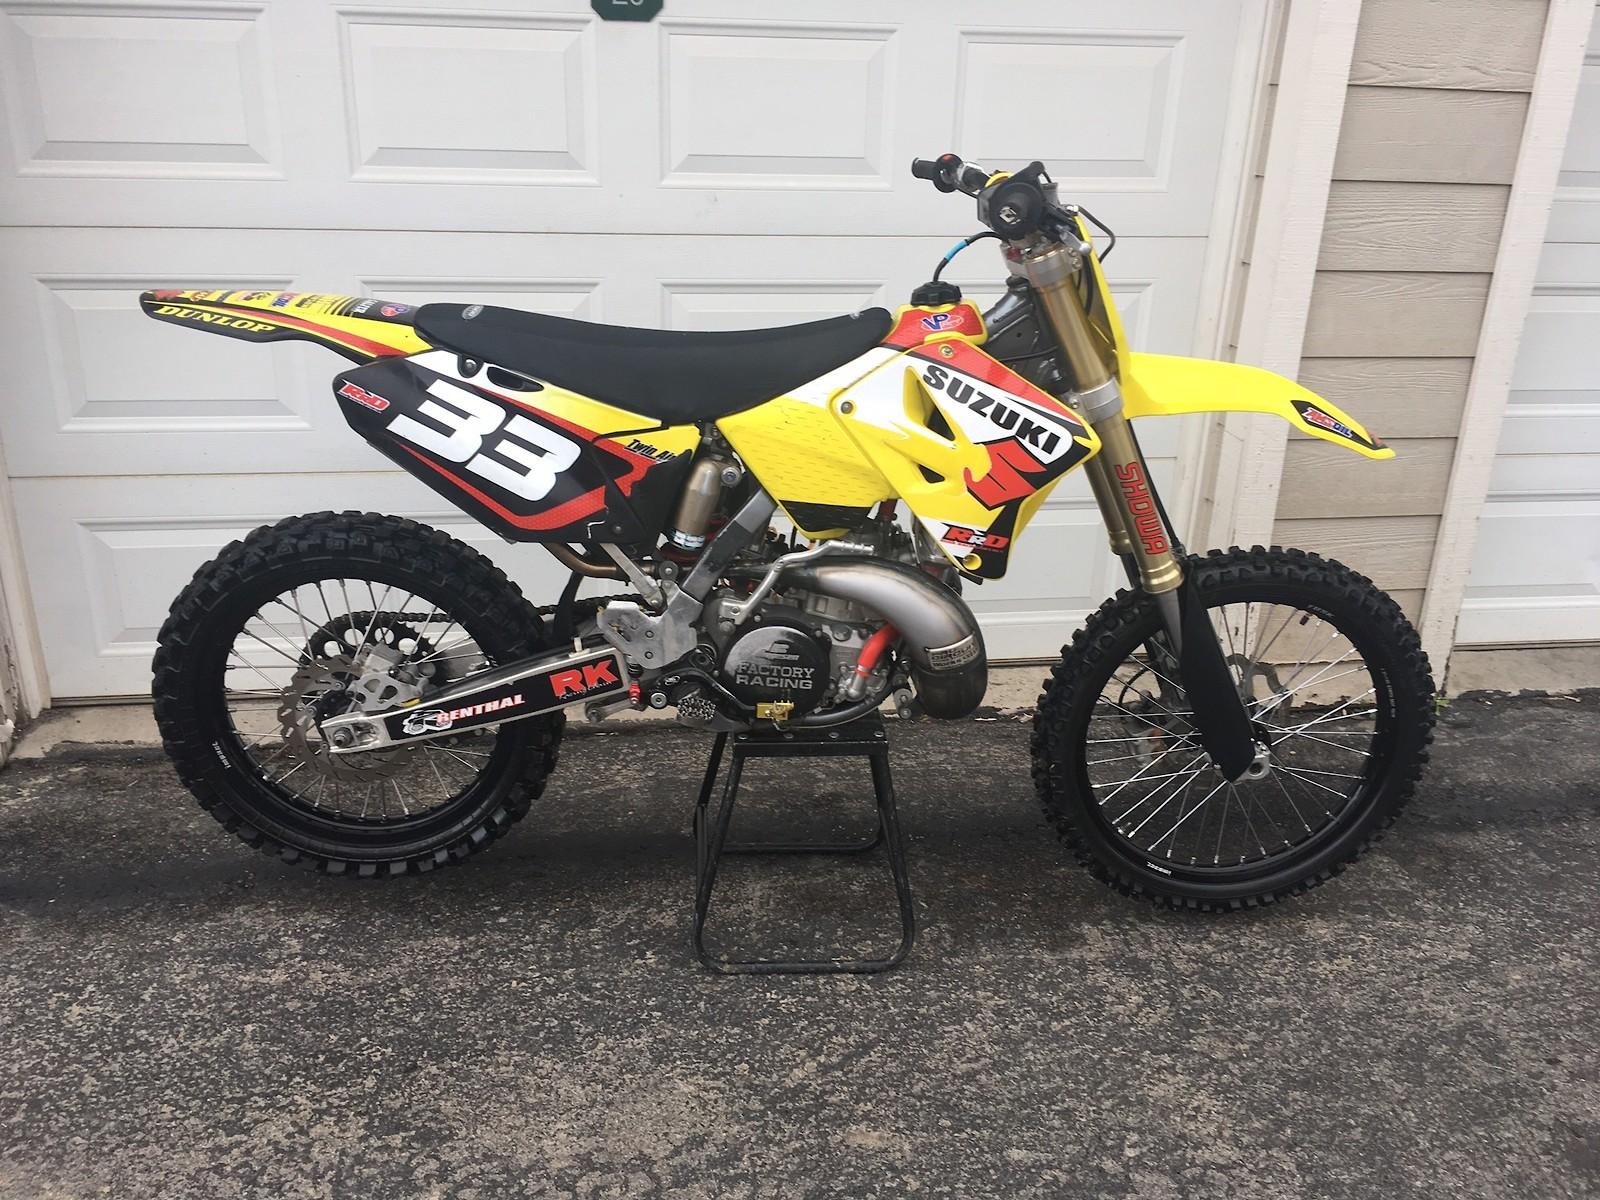 1FA0F9A8-2F82-41D3-8FD8-104AE85E701E - Malone - Motocross Pictures - Vital MX